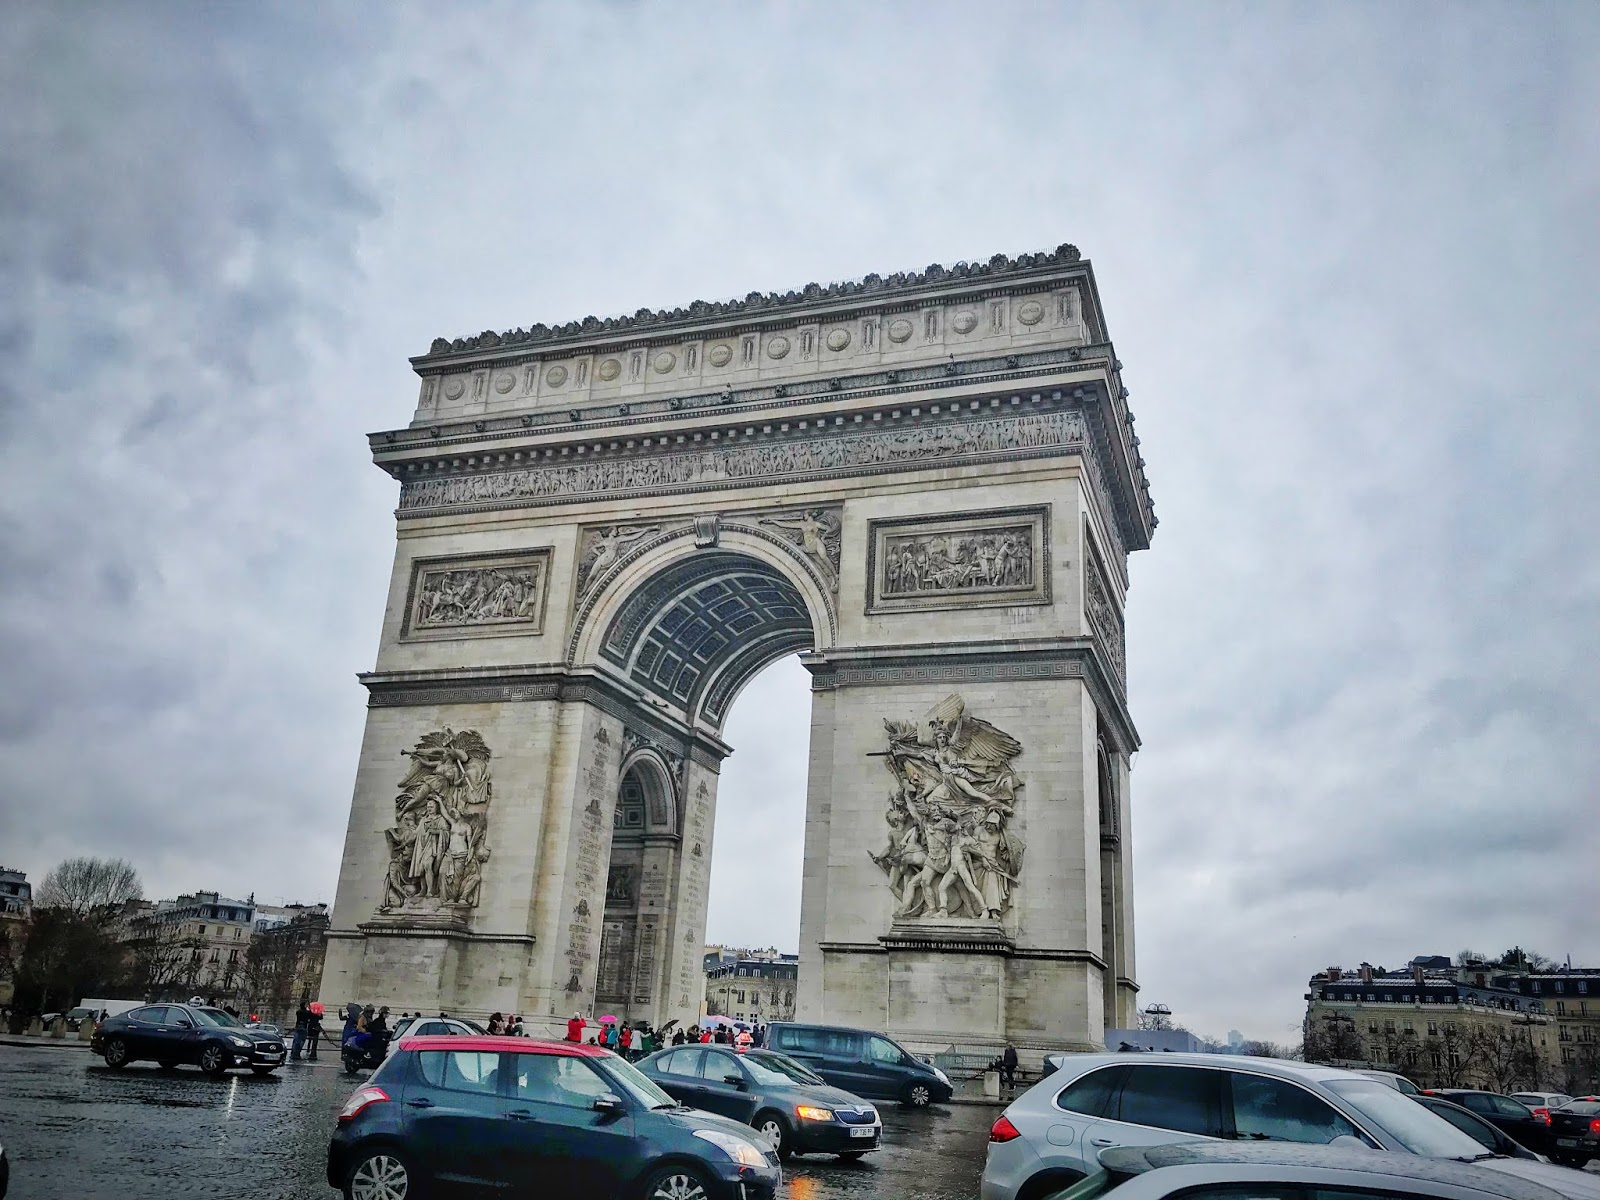 Arc de Triumph, Paris, Paris in the rain, cloudy day in Paris, Paris in winter, Sites of Paris